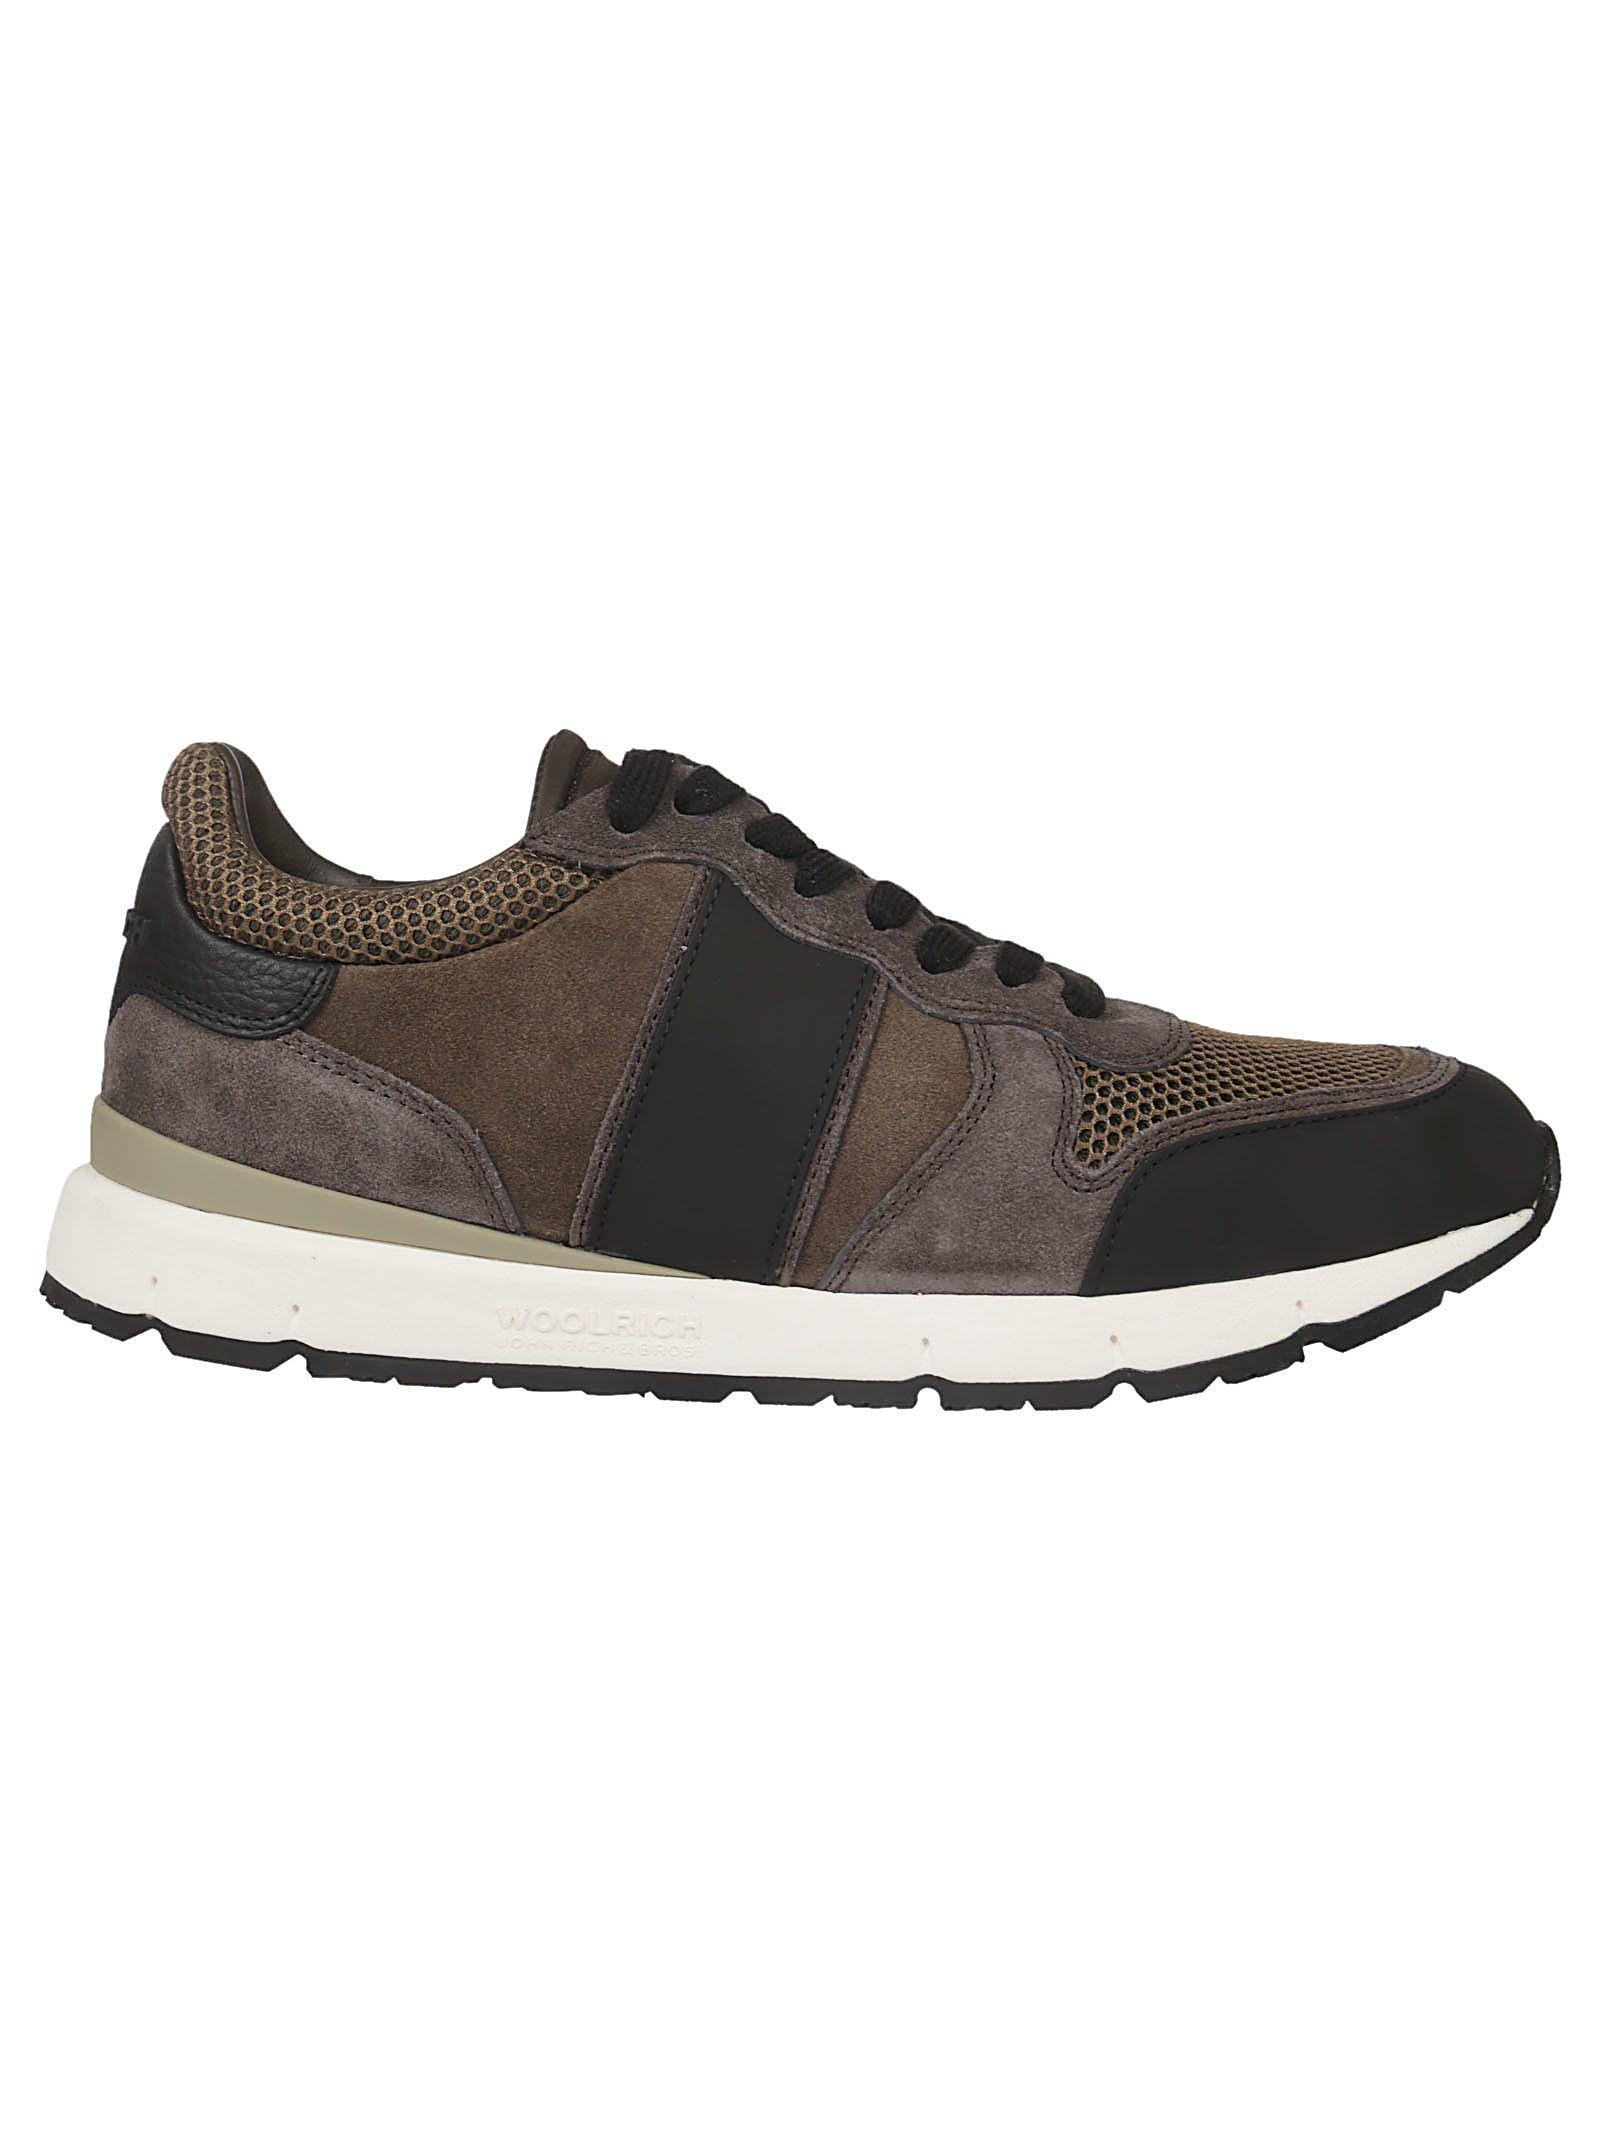 Woolrich Jogger Sneakers In Tortora